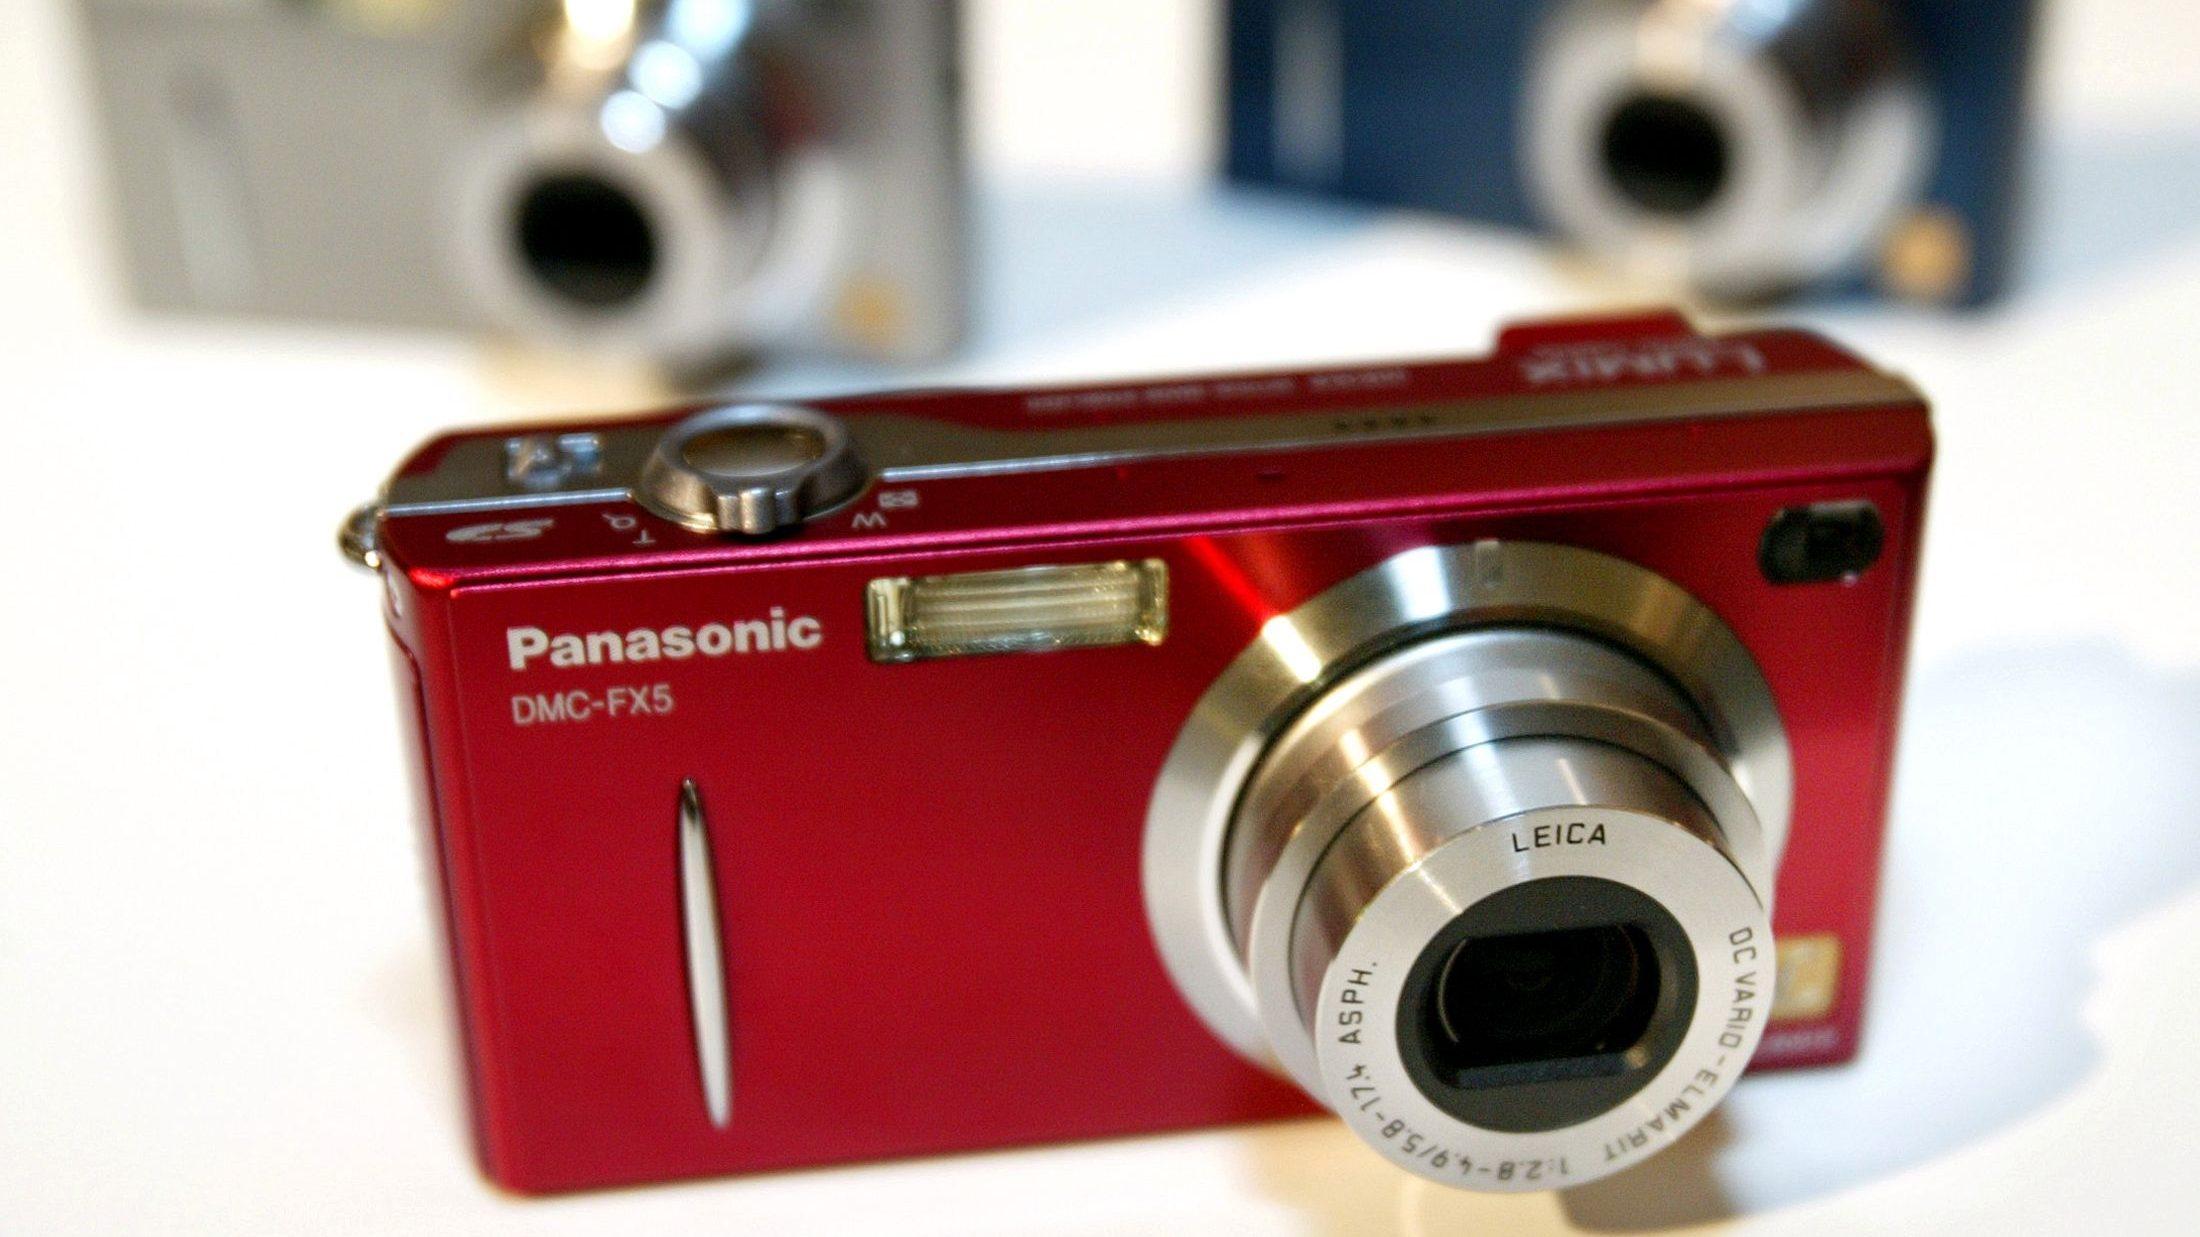 2003 Panasonic digital camera